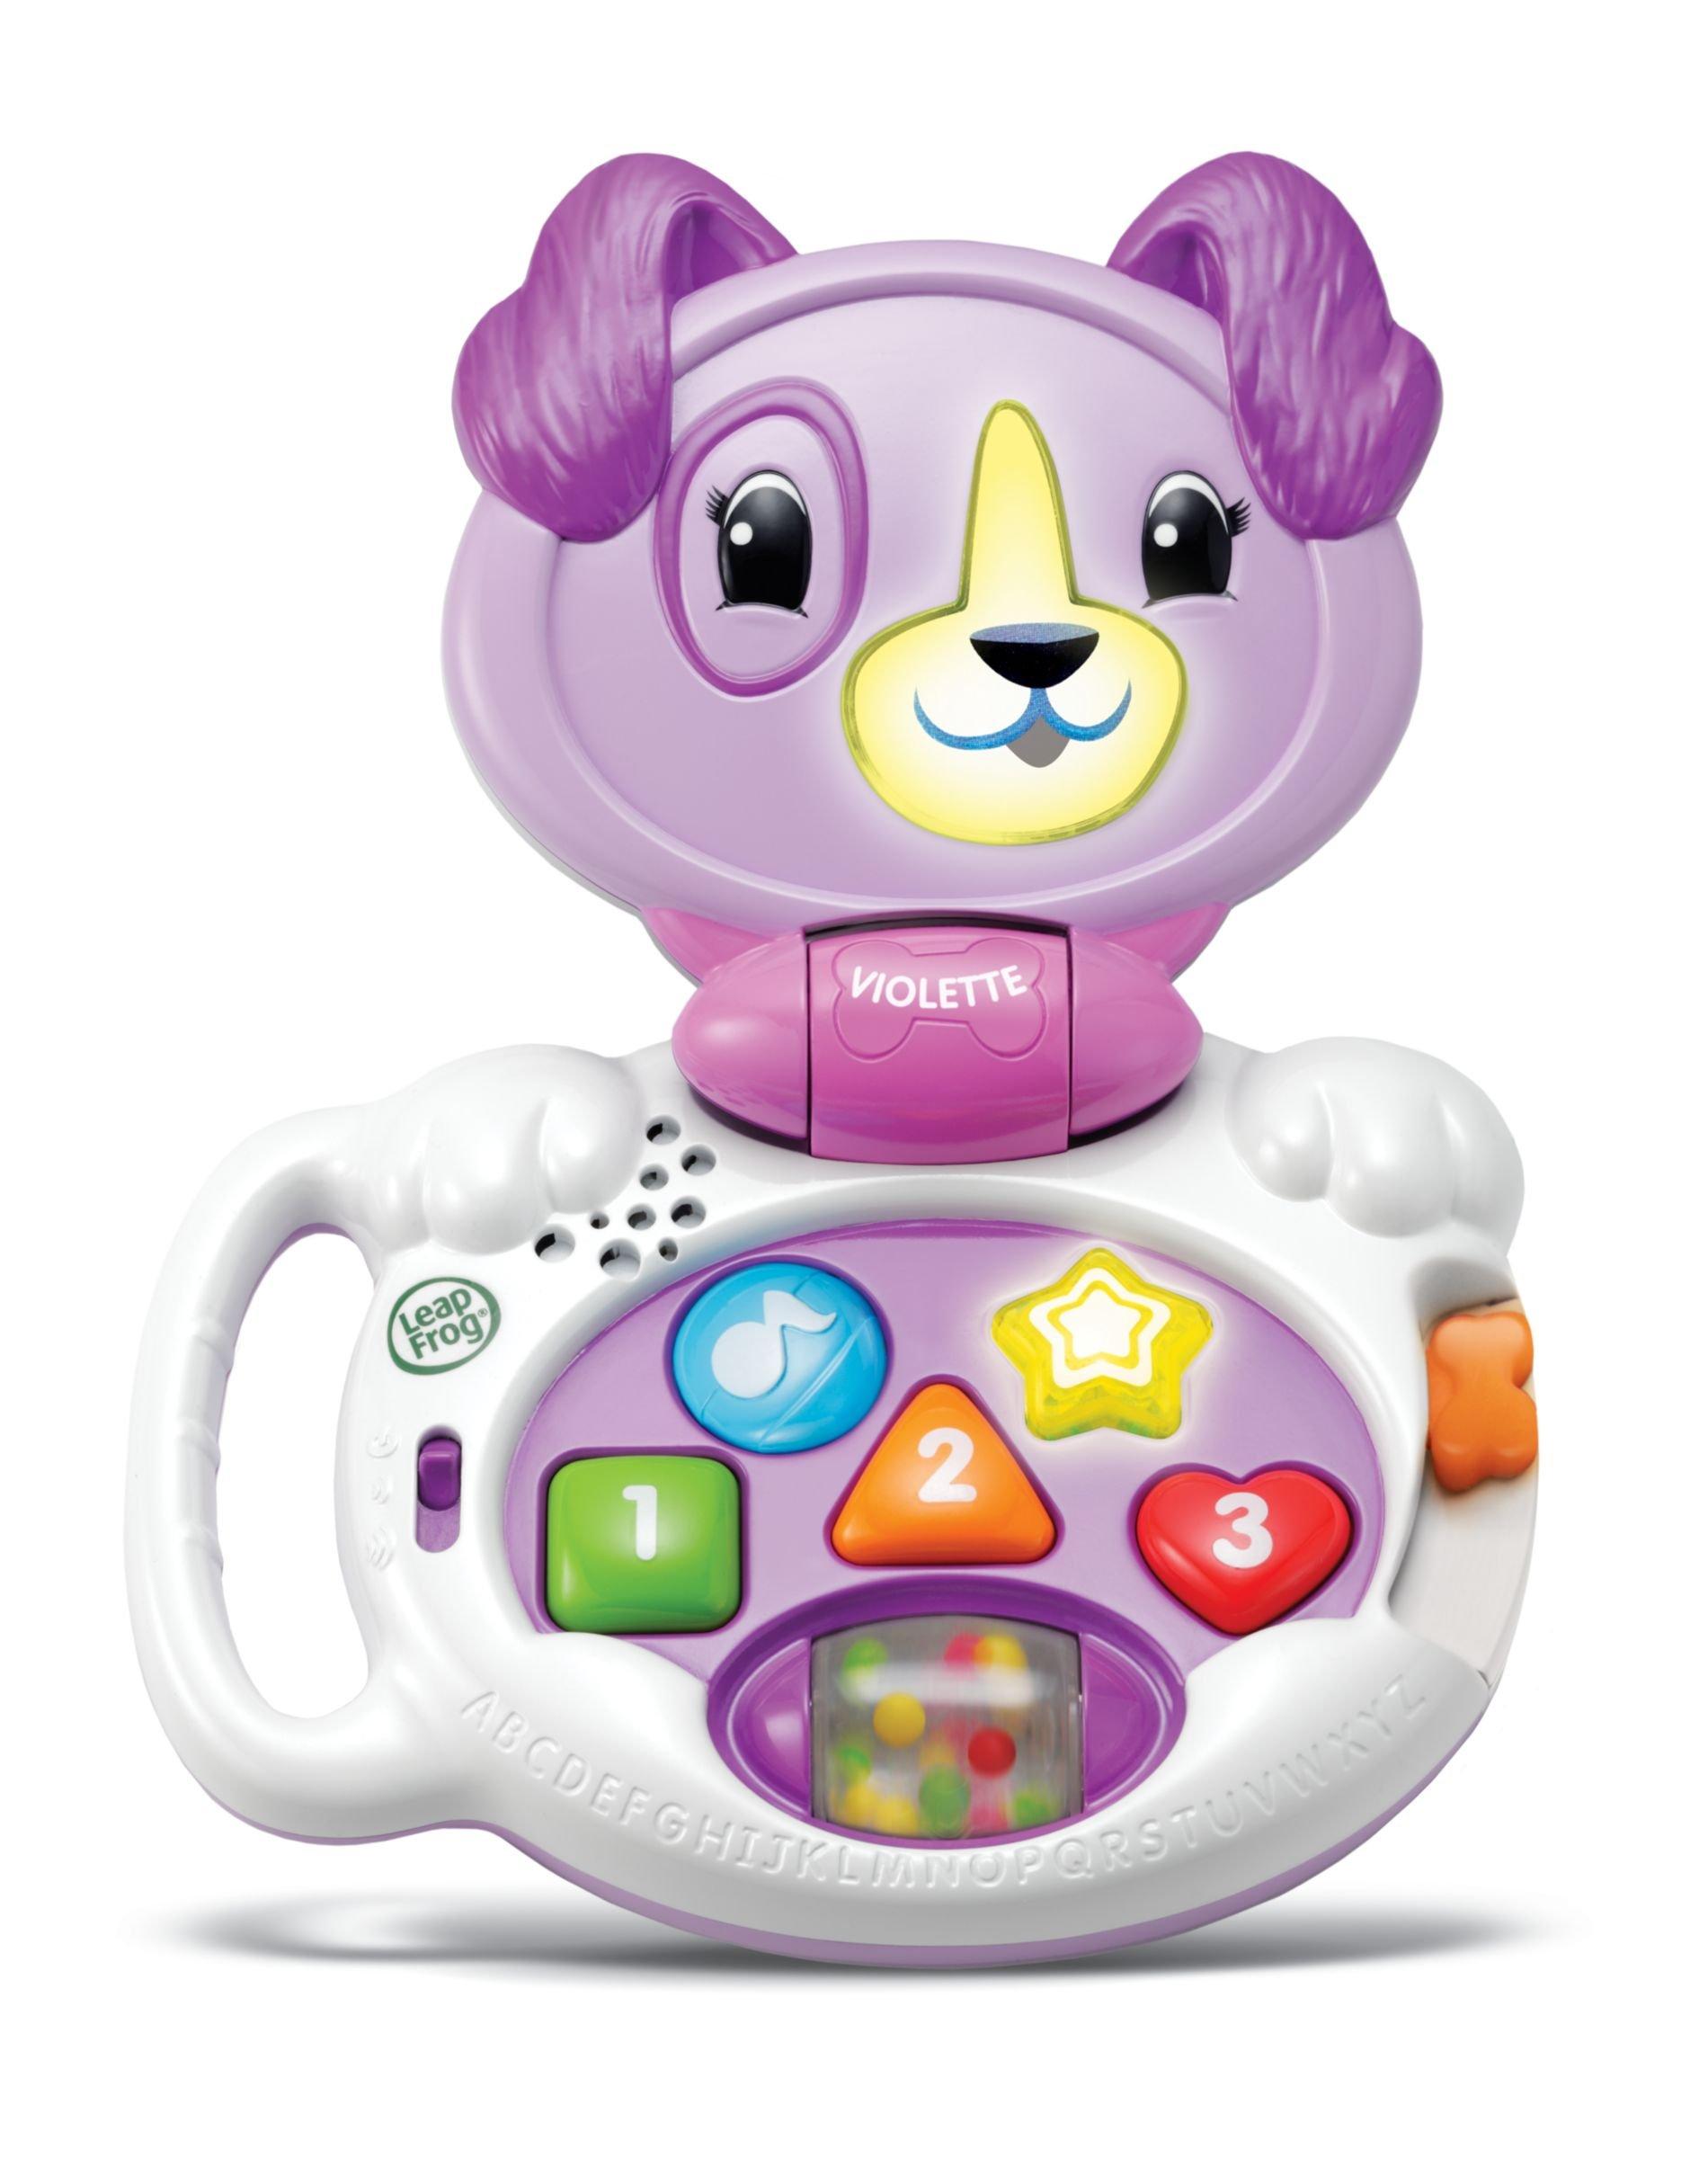 Leapfrog - Jouet d'éveil électronique - Mon Ordi Violette product image